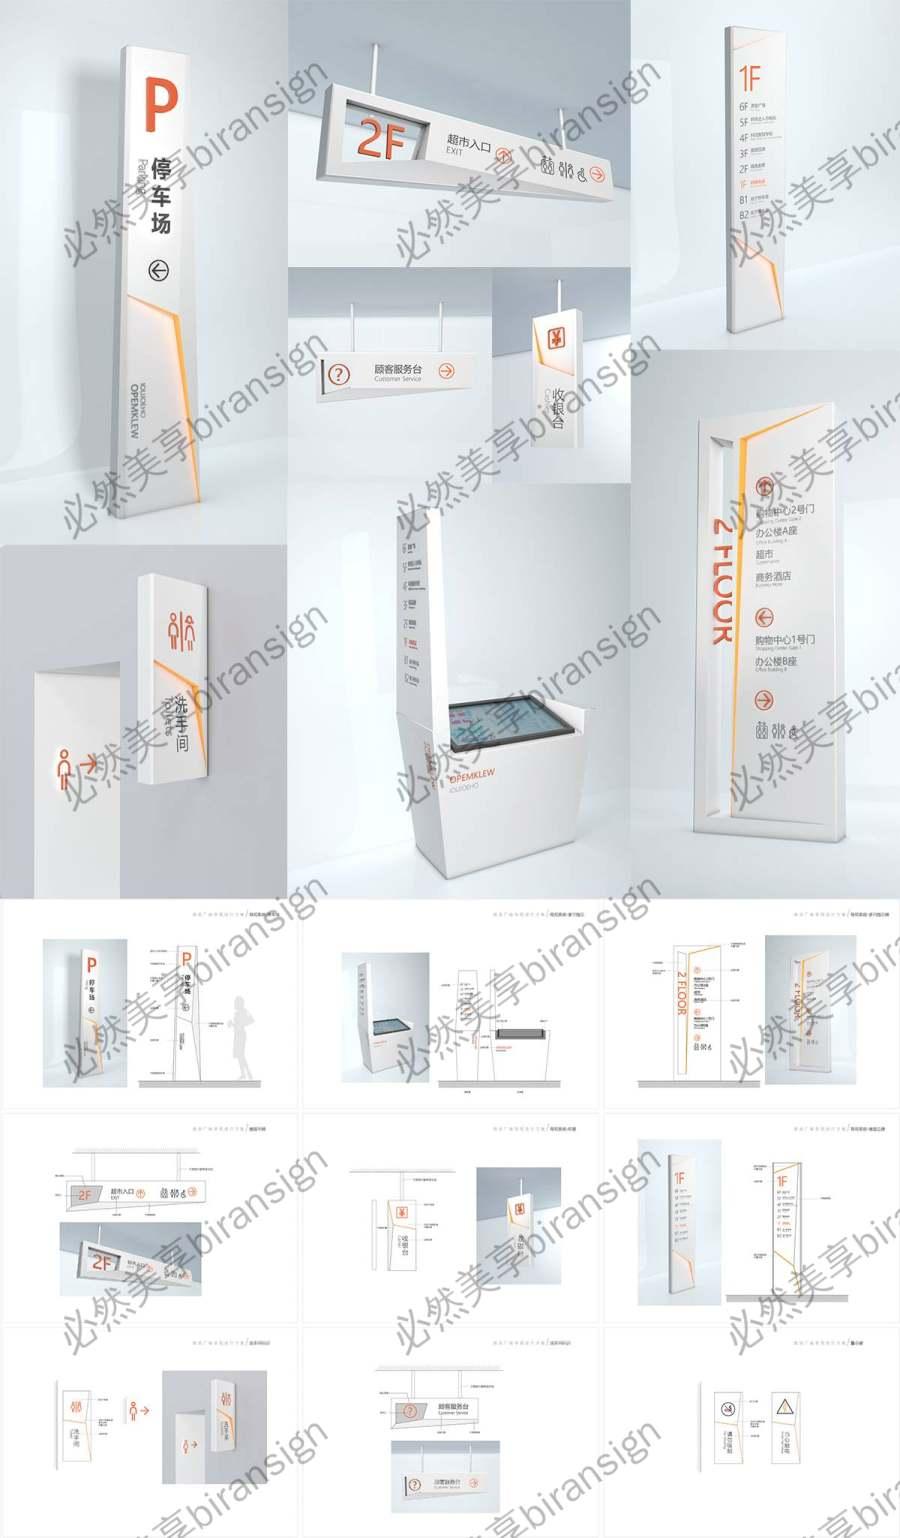 创意商场导视设计